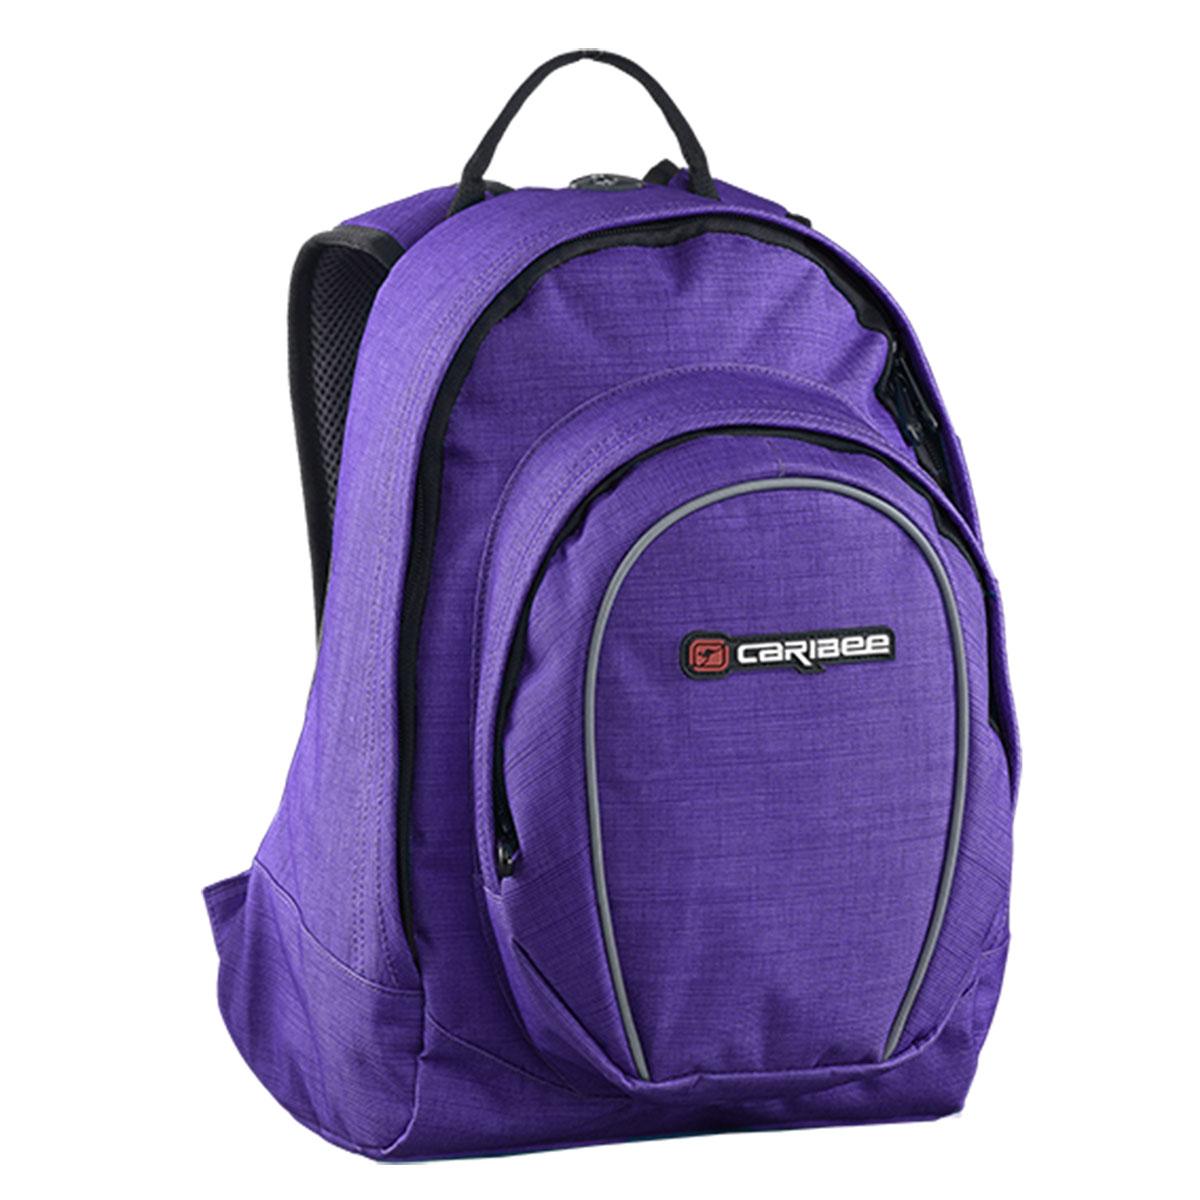 Рюкзак городской Caribee Spice, цвет: фиолетовый, 18 л62291Женский рюкзак Caribee Spice. Модель выполнена из износостойкой ткани – полиэстера, известной тем, что она не впитывает влагу и устойчива к воздействию ультрафиолетовых лучей. Те части рюкзака, которые непосредственно соприкасаются со спиной и плечами, выкроены с учетом анатомических особенностей и оснащены мягкой подкладкой. Это типичный городской рюкзак, который подойдет для девушки, ведущей активный образ жизни. Несколько отделений изделия позволяют сортировать содержимое, также как и отдельный кармашек для плеера решает проблему его размещения. При желании данный рюкзак может заменить женскую сумочку в дальней поездке. Основные характеристики: сдвоенное отделение отделение для плеера с cord-портом встроенный органайзер фронтальный карман на молнии Объем 20л, Размер 38 x 28 x 18cm